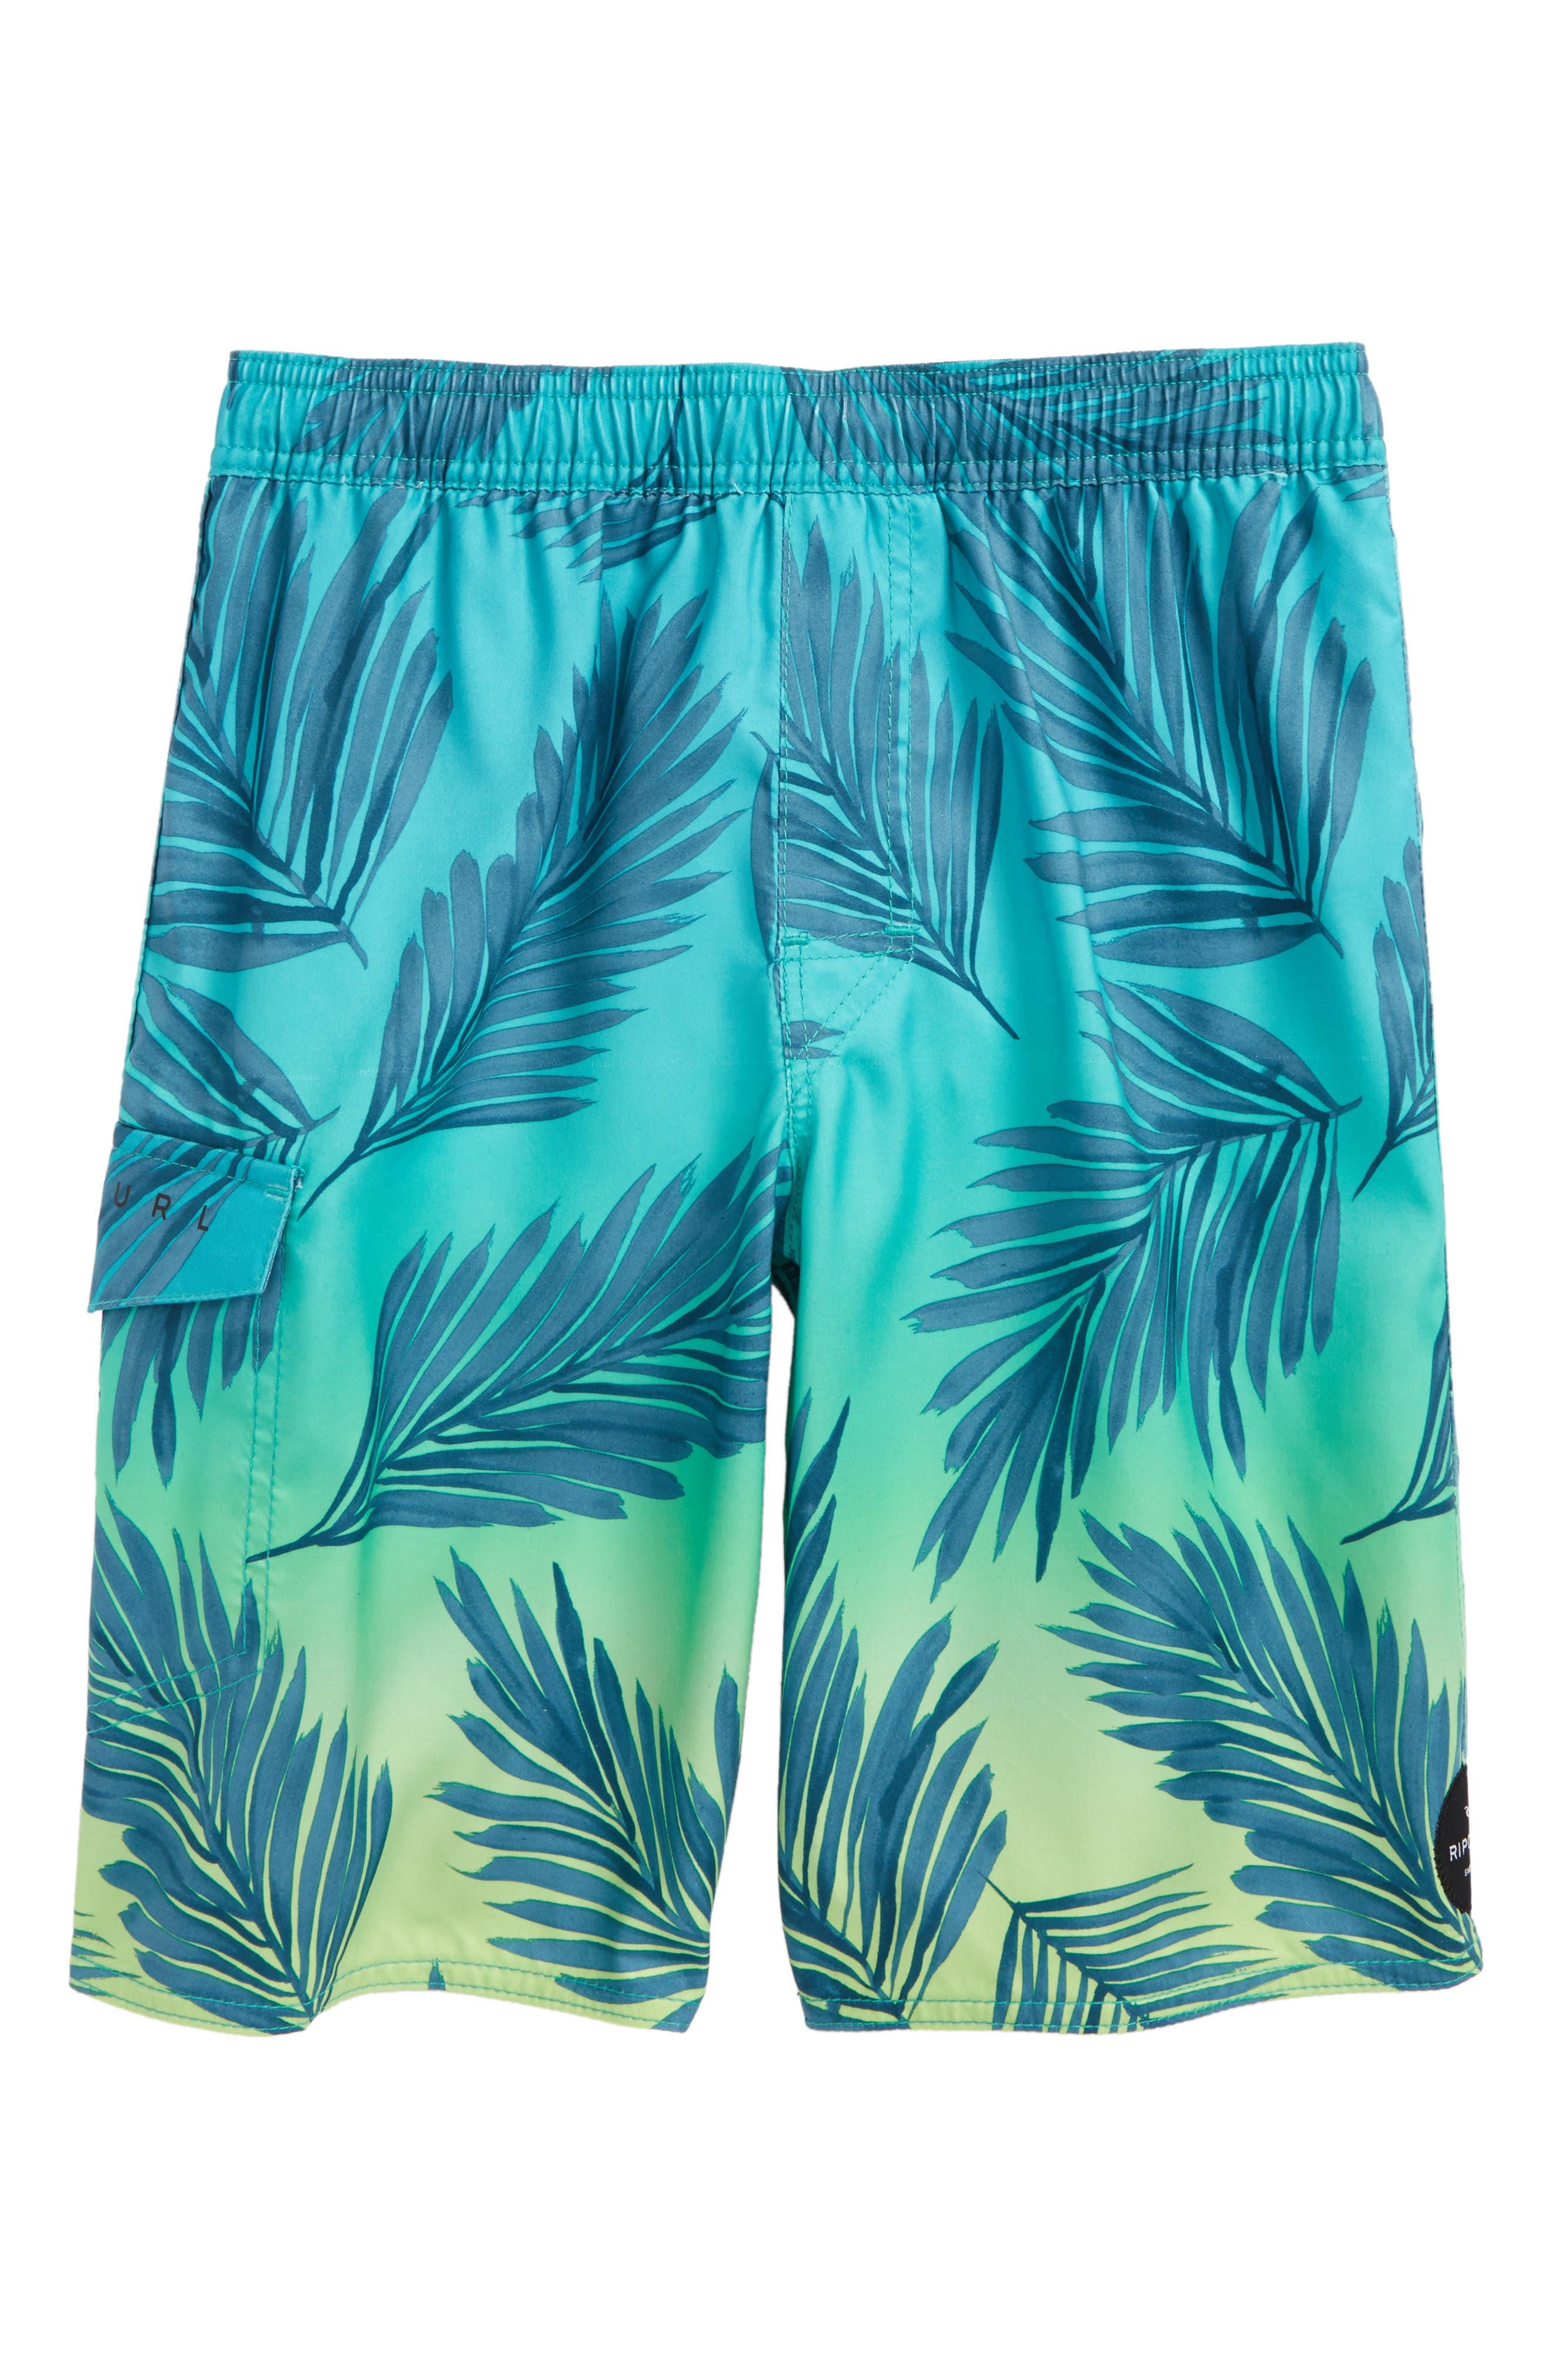 Alternate Image 1 Selected - Rip Curl Mason Volley Shorts (Big Boys)